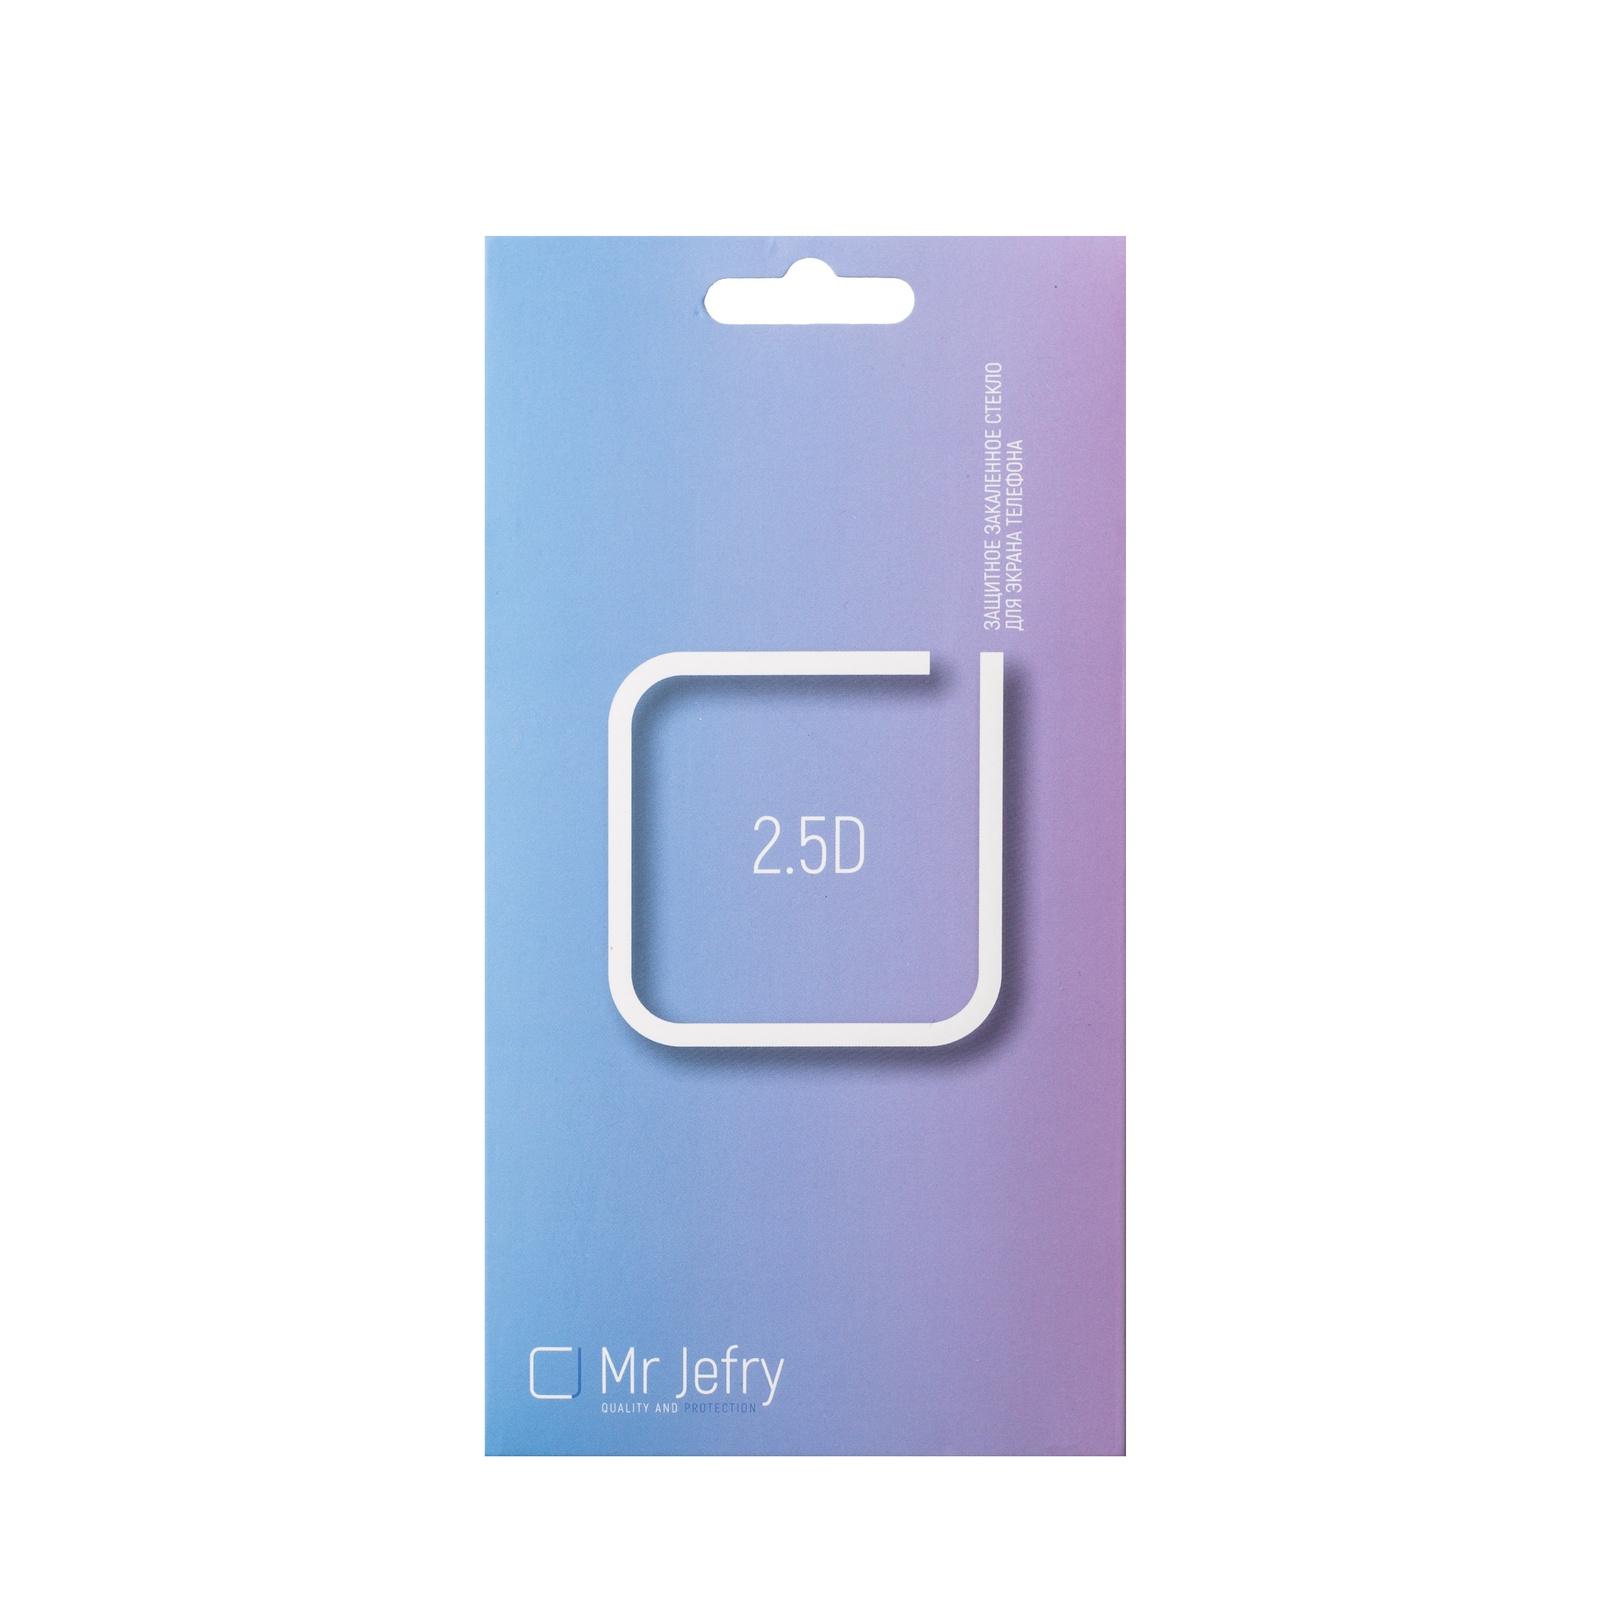 Mr Jefry стекло защитное (многослойное) 2,5D для Samsung J1